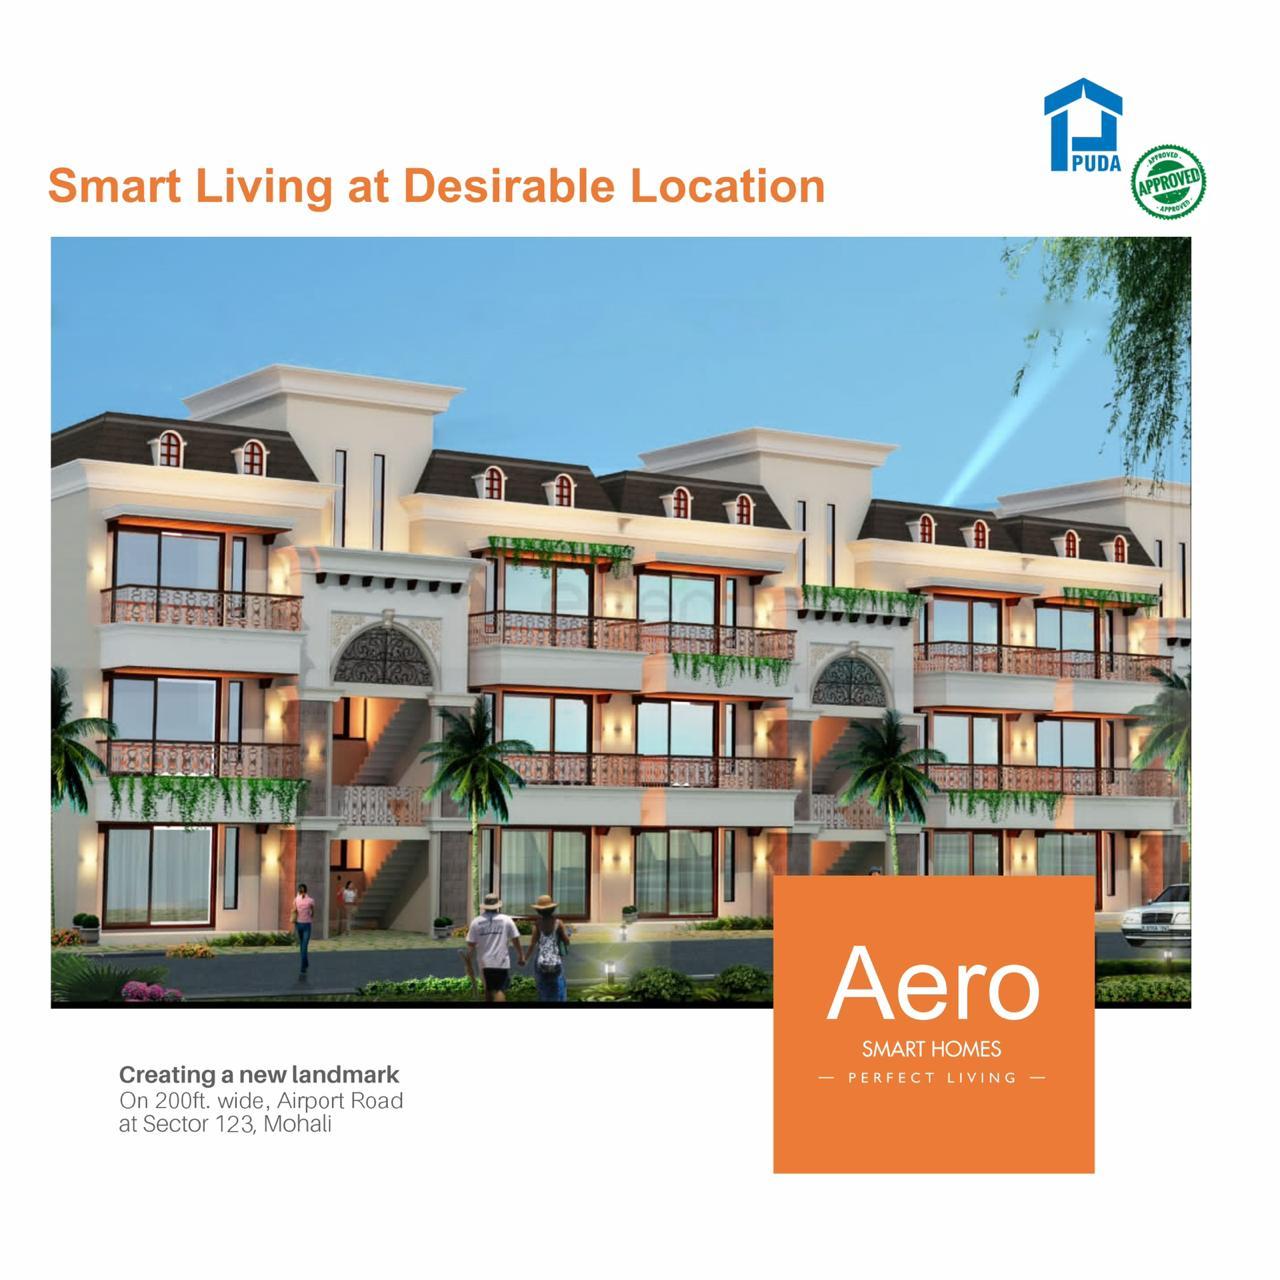 AERO SMART HOMES